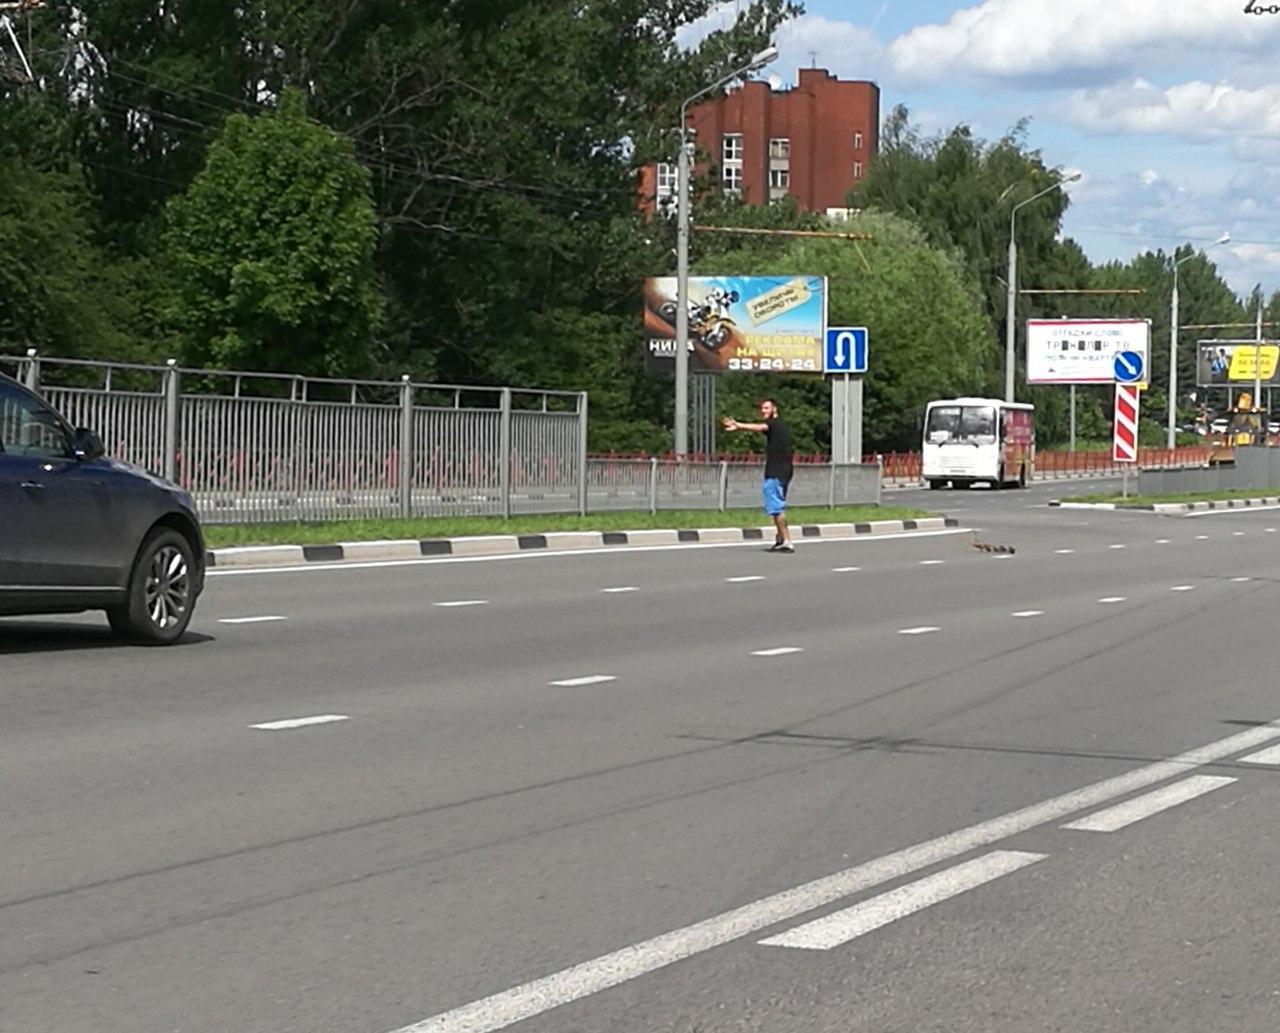 Ярославец остановил поток машин на Московском проспекте, чтобы помочь утиной семье перейти дорогу